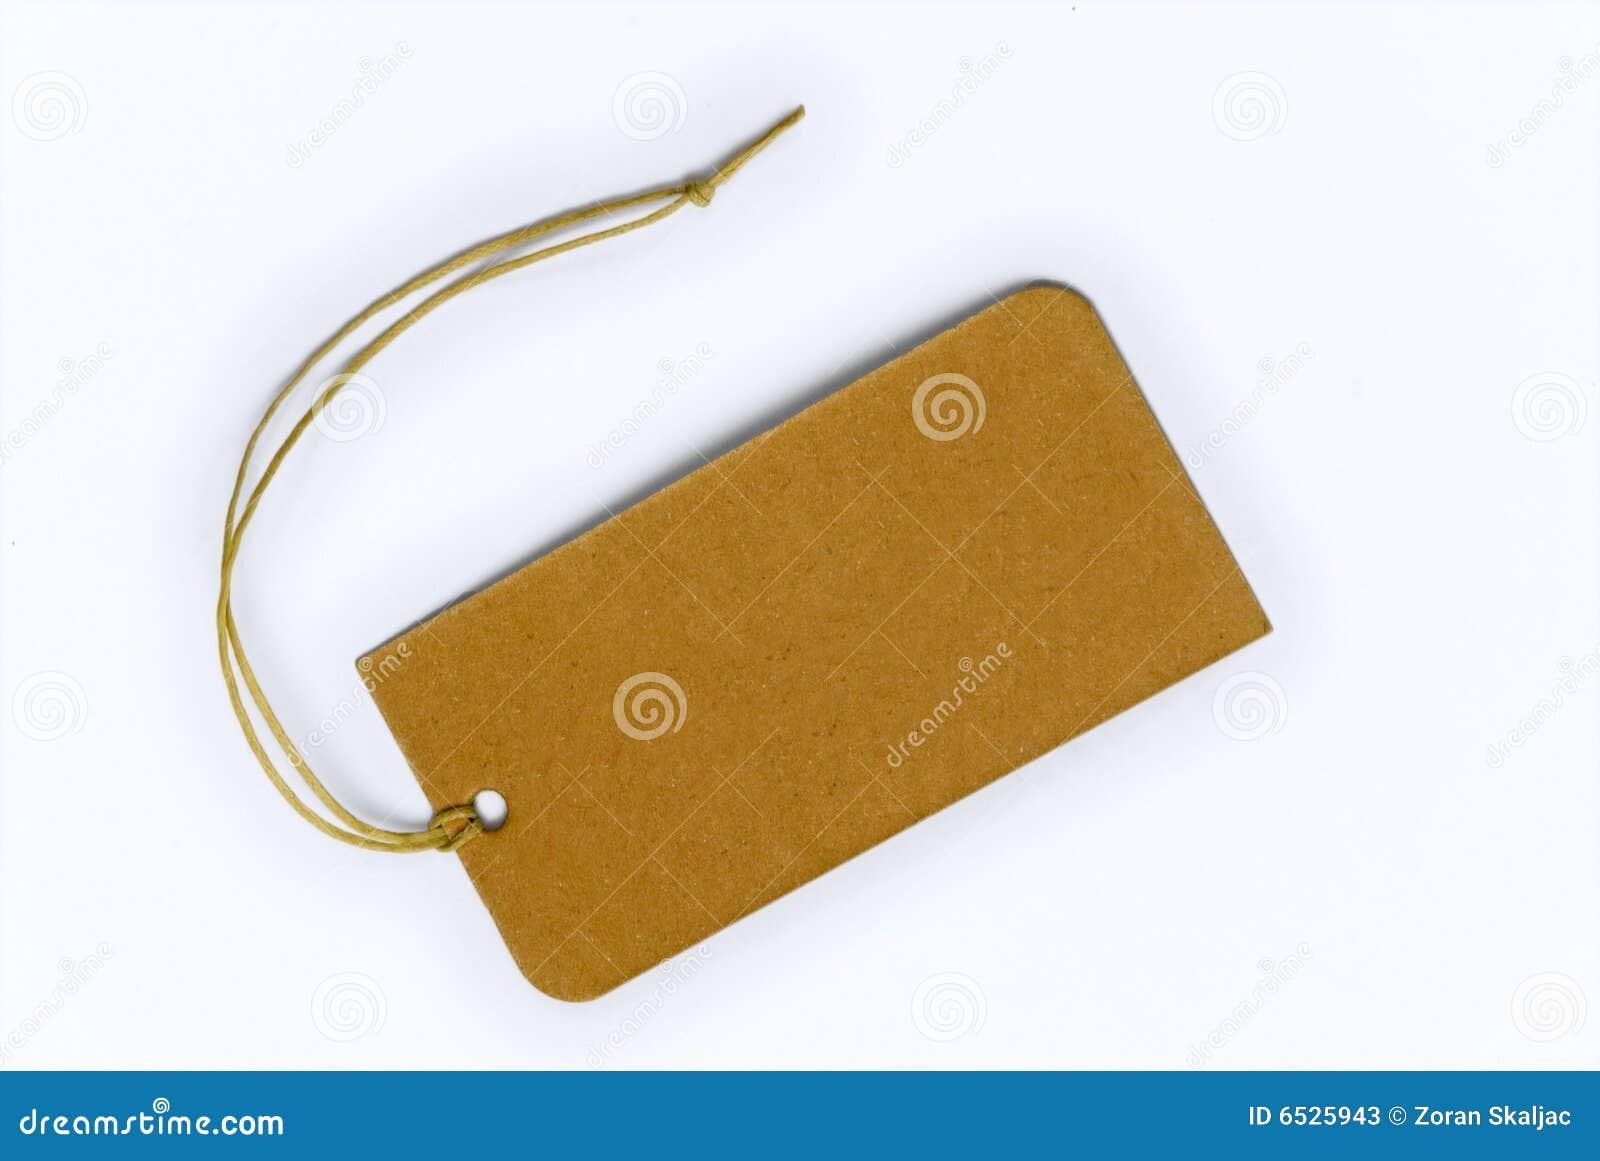 Empty tag gebunden mit Zeichenkette